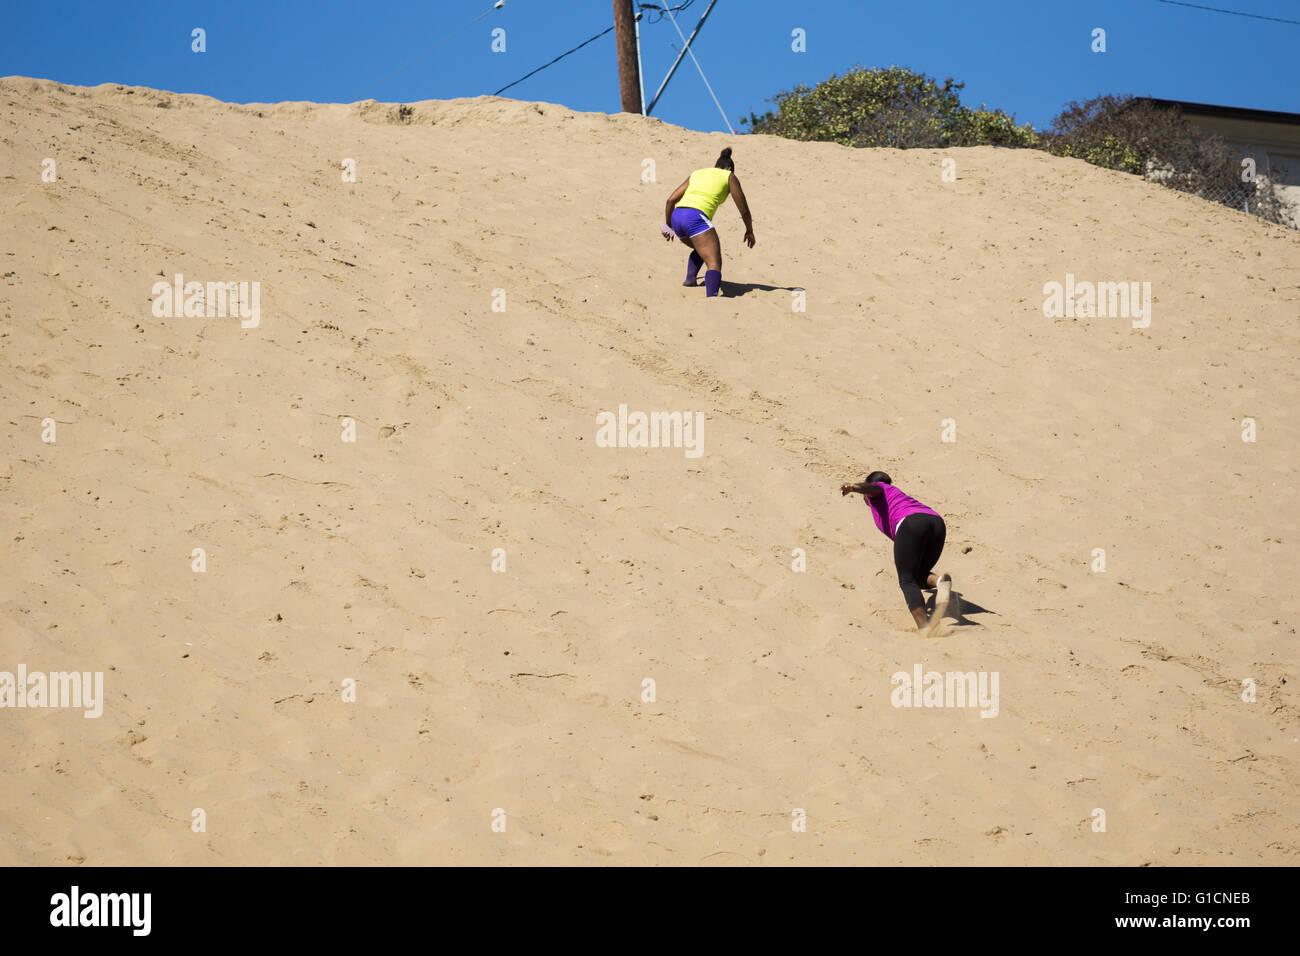 Manhattan Beach, California, EE.UU. - Octubre 10, 2015: Dos mujeres subiendo una duna de arena como parte de un Imagen De Stock